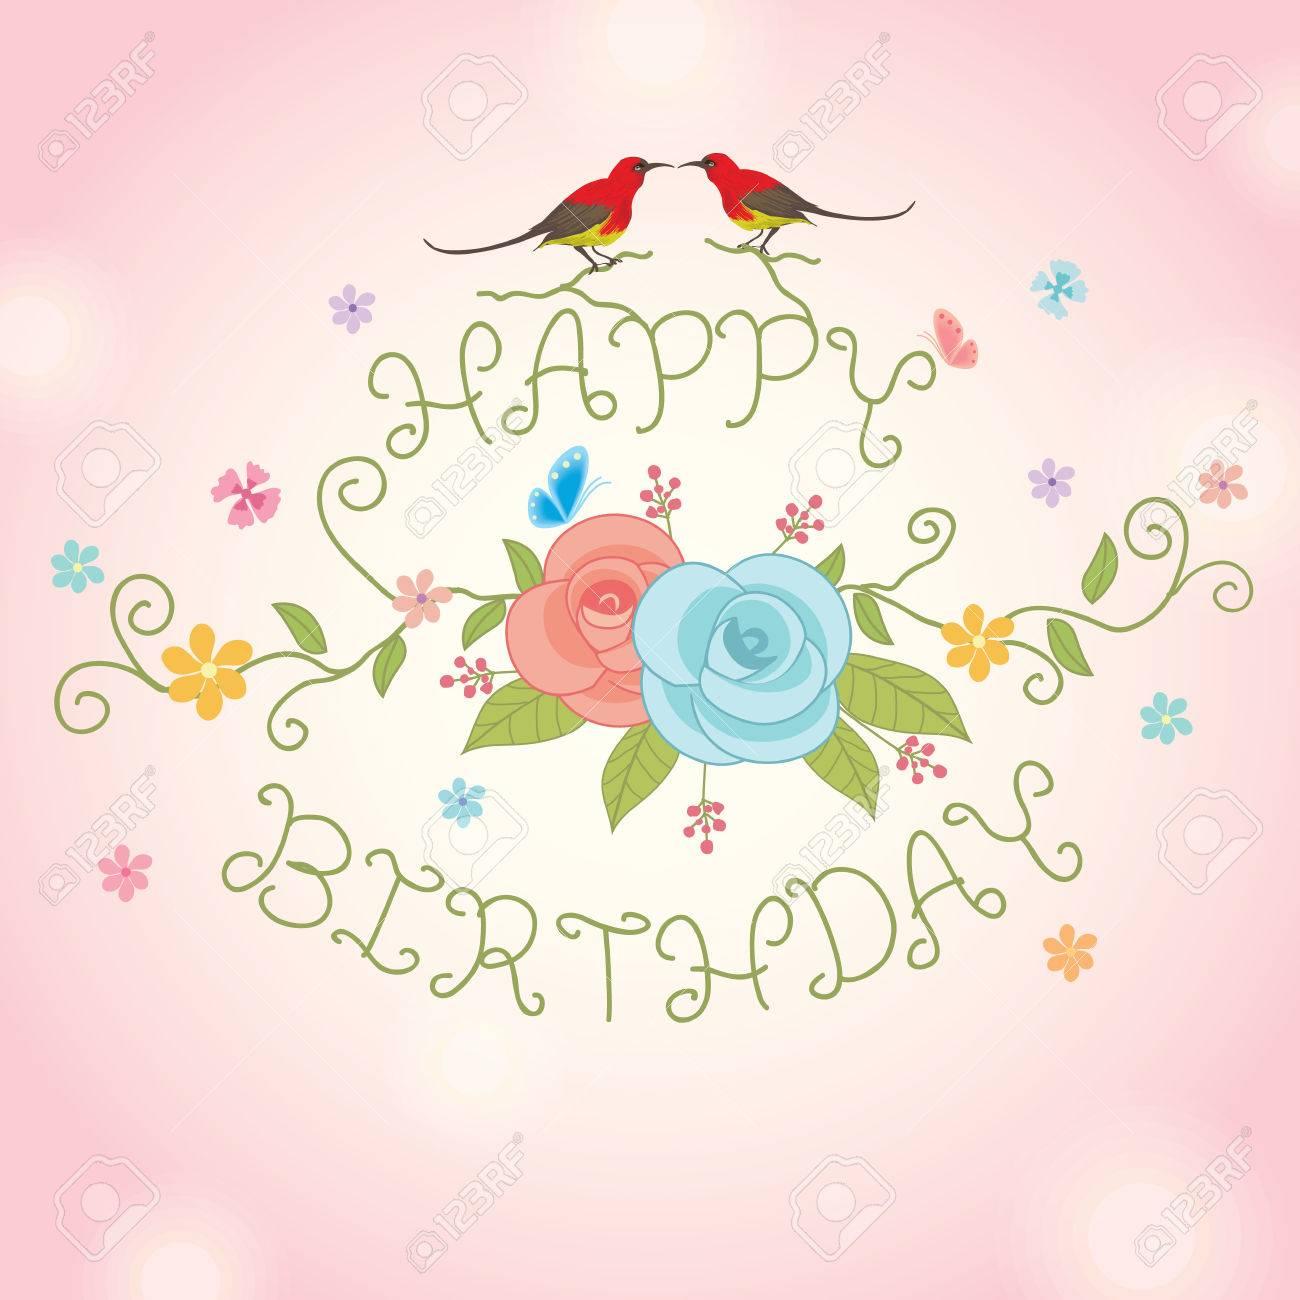 Blumen Und Ein Paar Vogel Dekoration Mit Alles Gute Zum Geburtstag